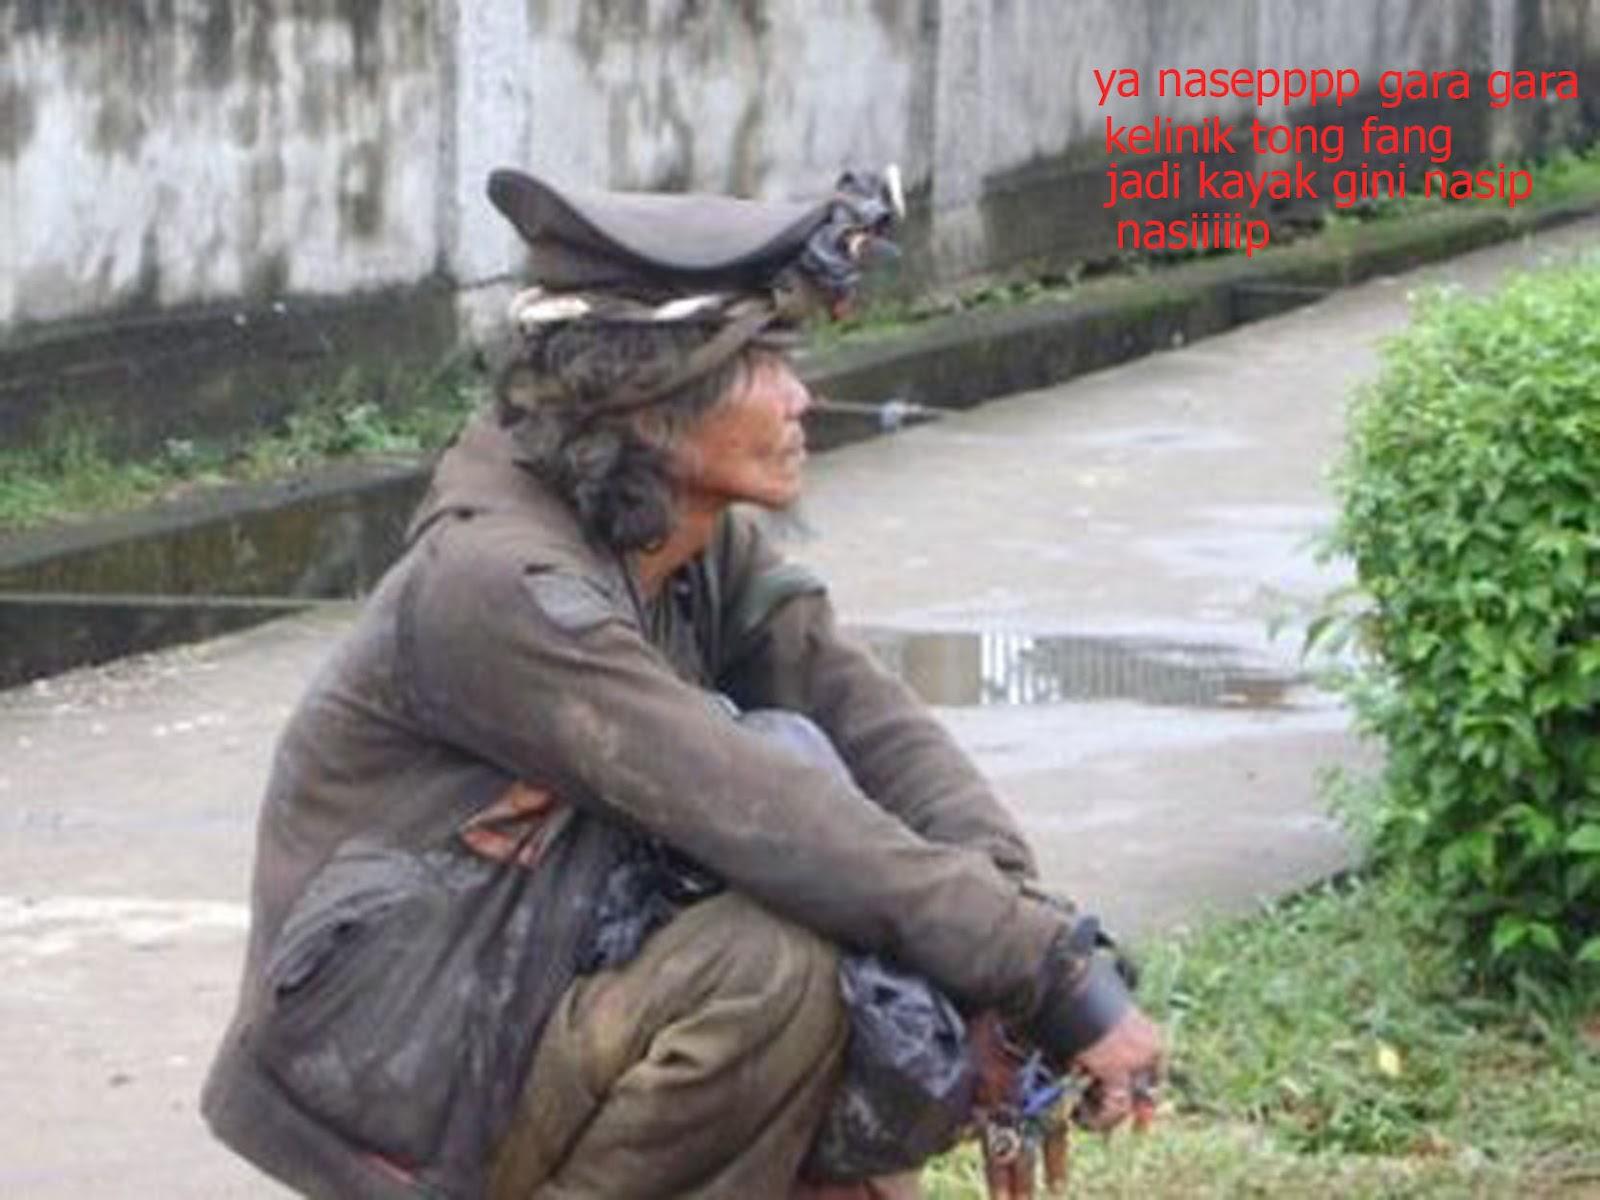 Foto Lucu Gokil Gokil Edit Art Blog